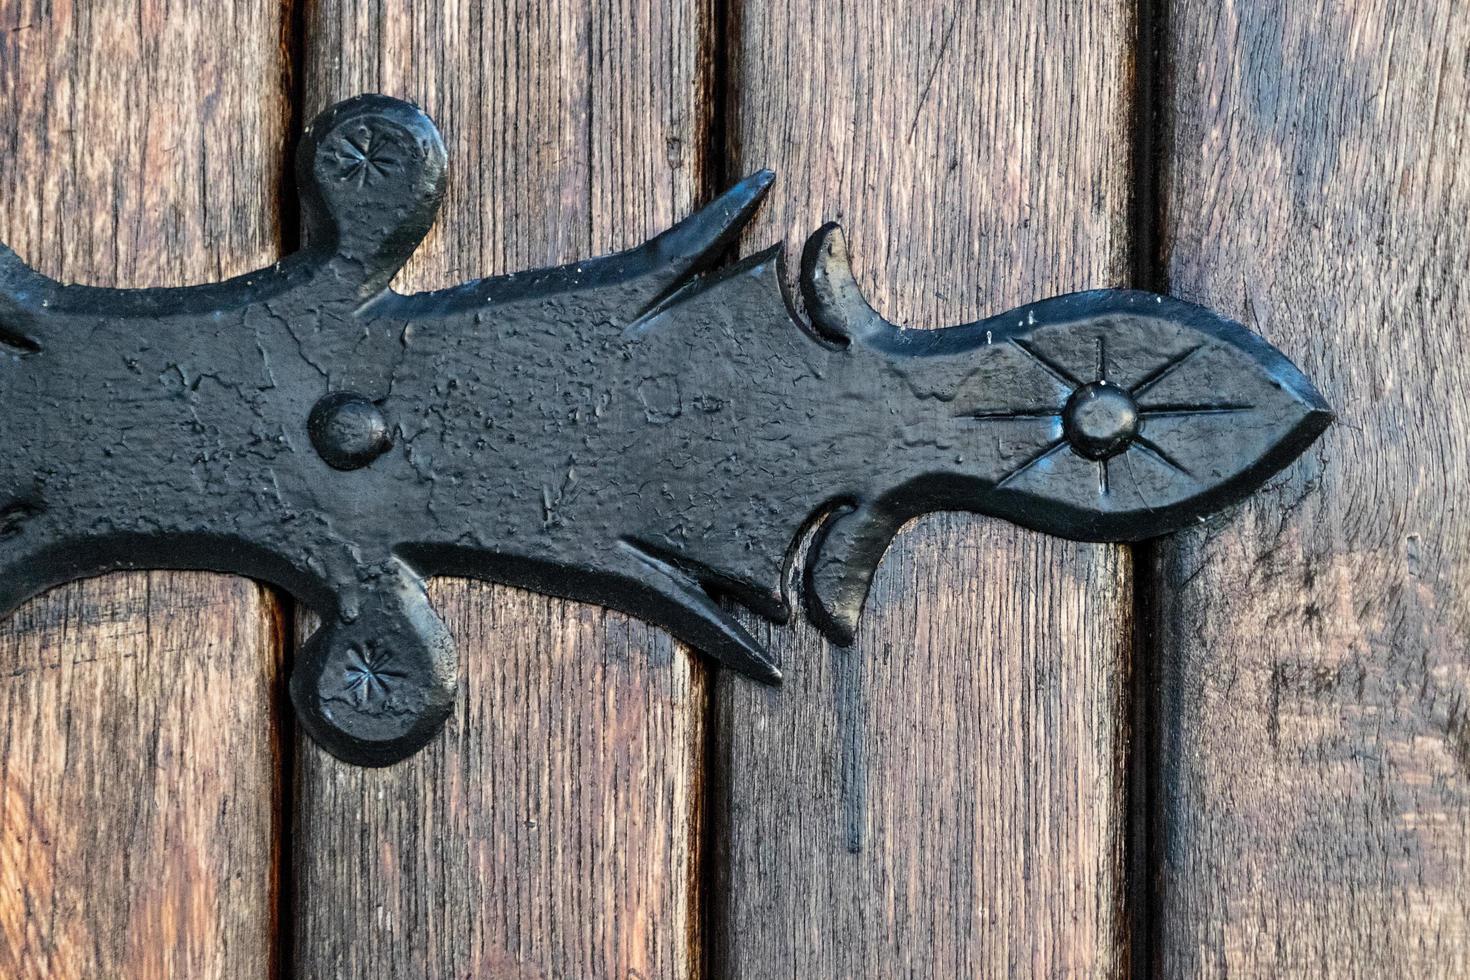 zwart metalen decoratief element op houten deuren foto